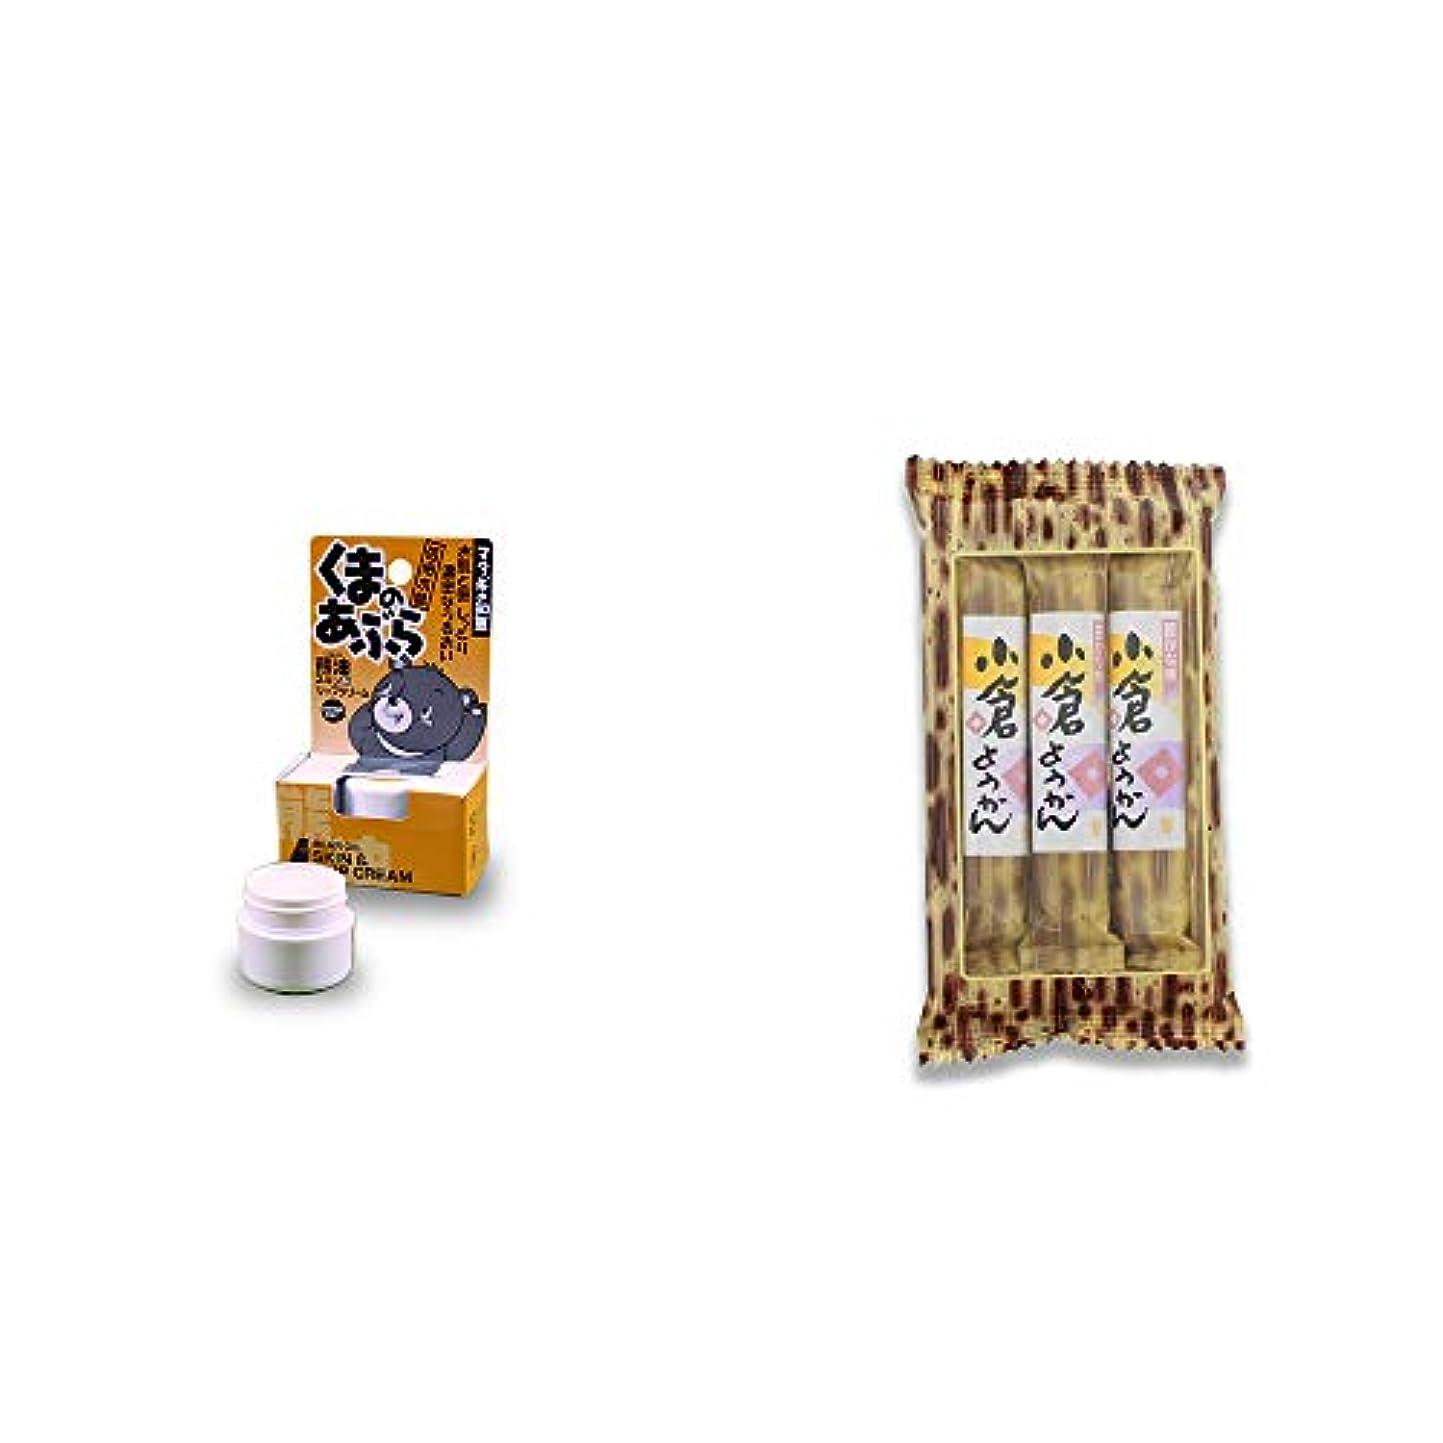 クラッチ予見する素朴な[2点セット] 信州木曽 くまのあぶら 熊油スキン&リップクリーム(9g)?スティックようかん[小倉](50g×3本)